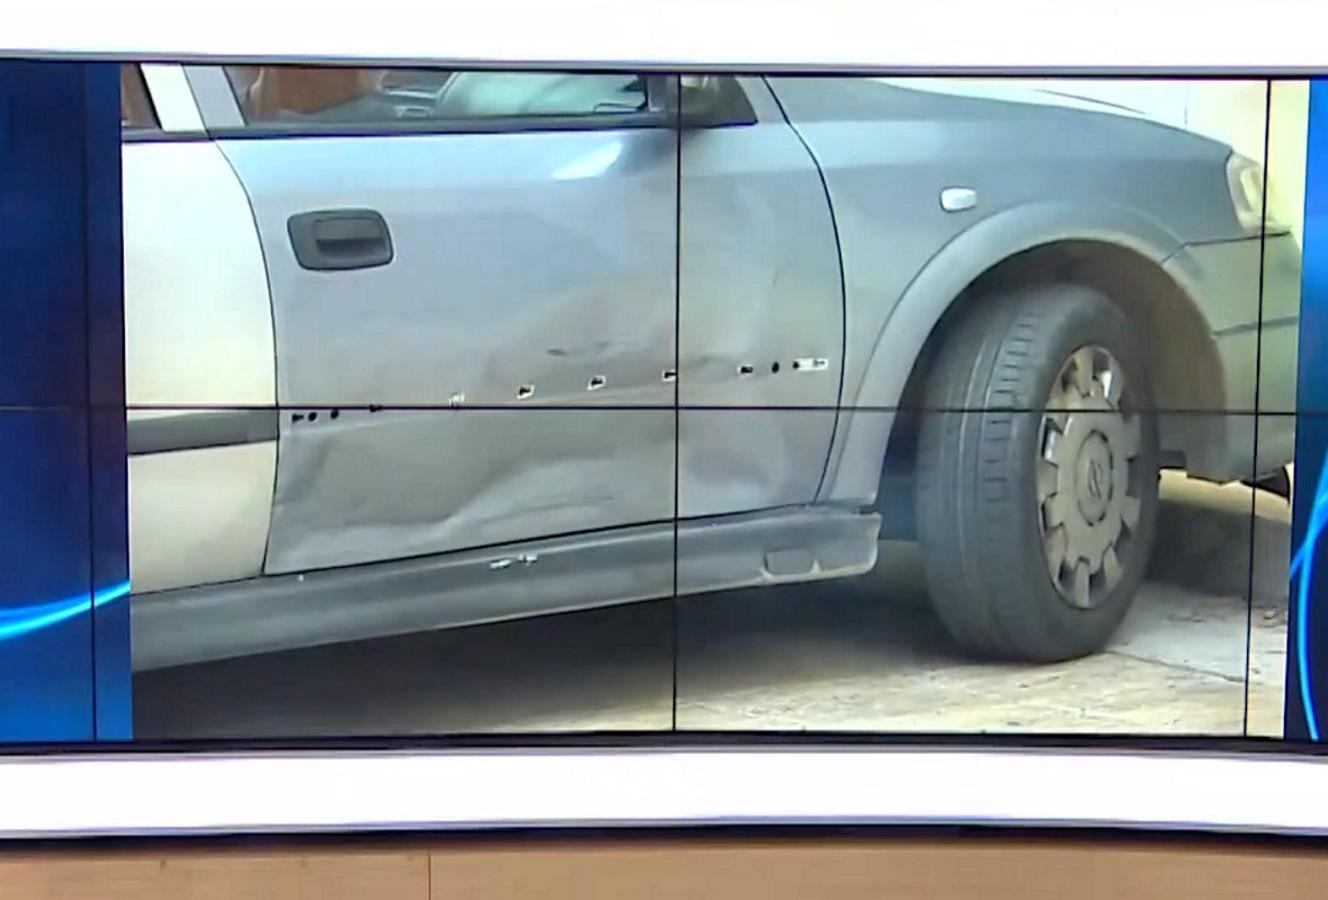 Τρόμος στην Πετρούπολη: Ανήλικοι πήραν κρυφά αυτοκίνητο και τραυμάτισαν άνδρα έξω από σχολείο